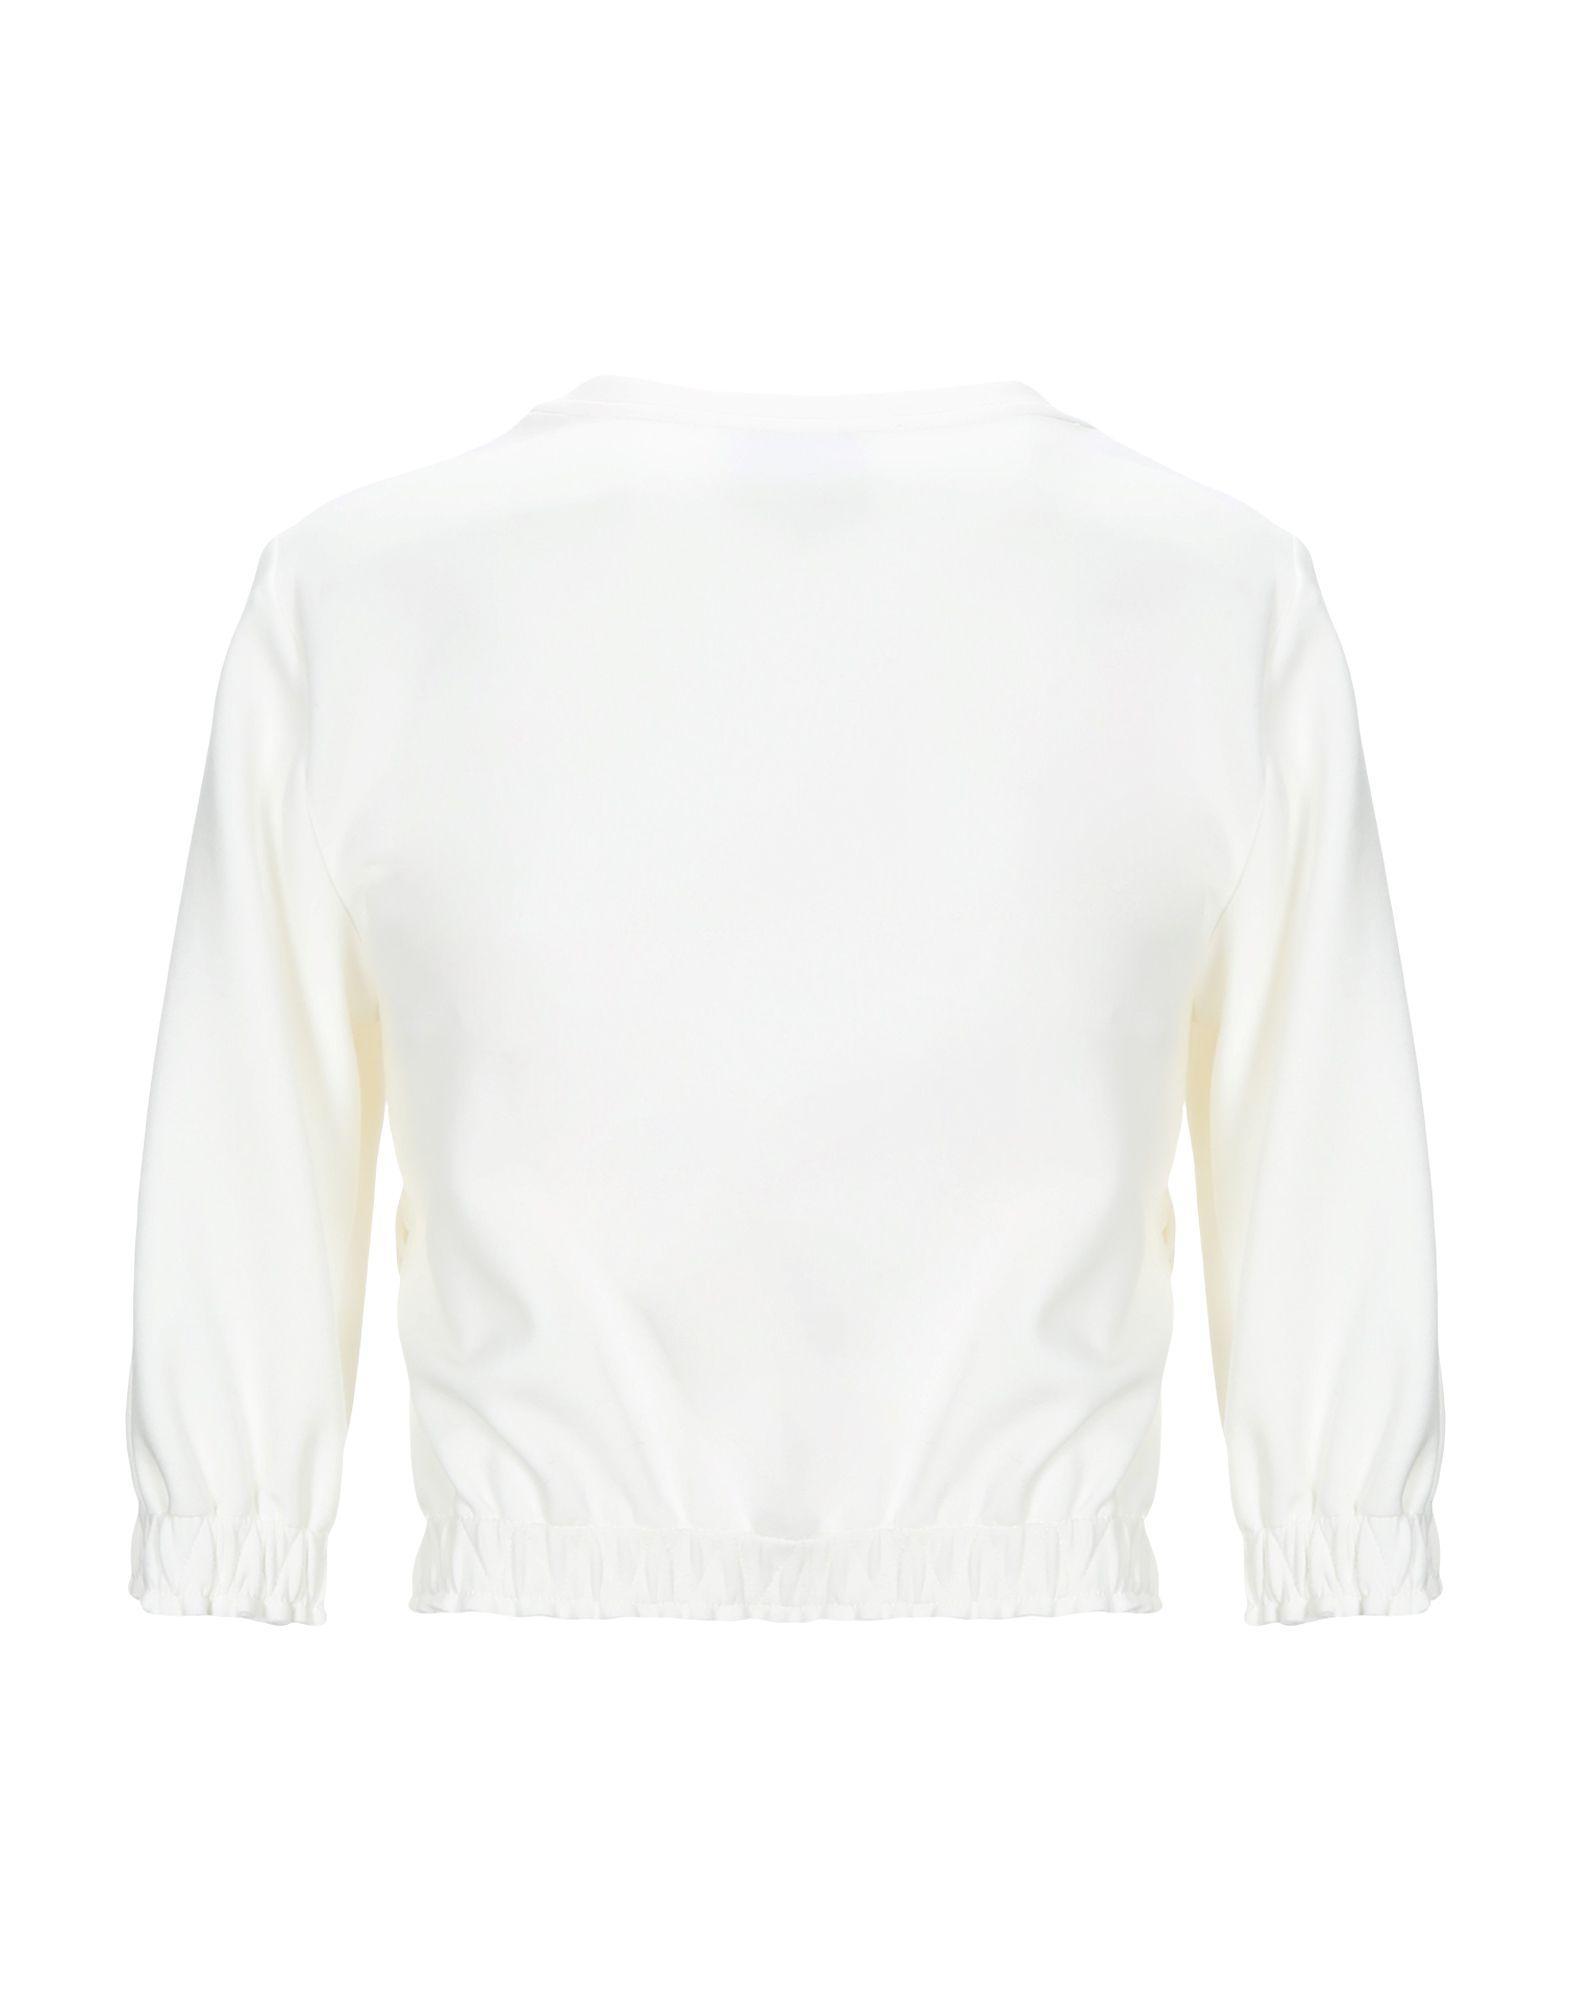 Sweat-shirt Synthétique 3.1 Phillip Lim en coloris Blanc